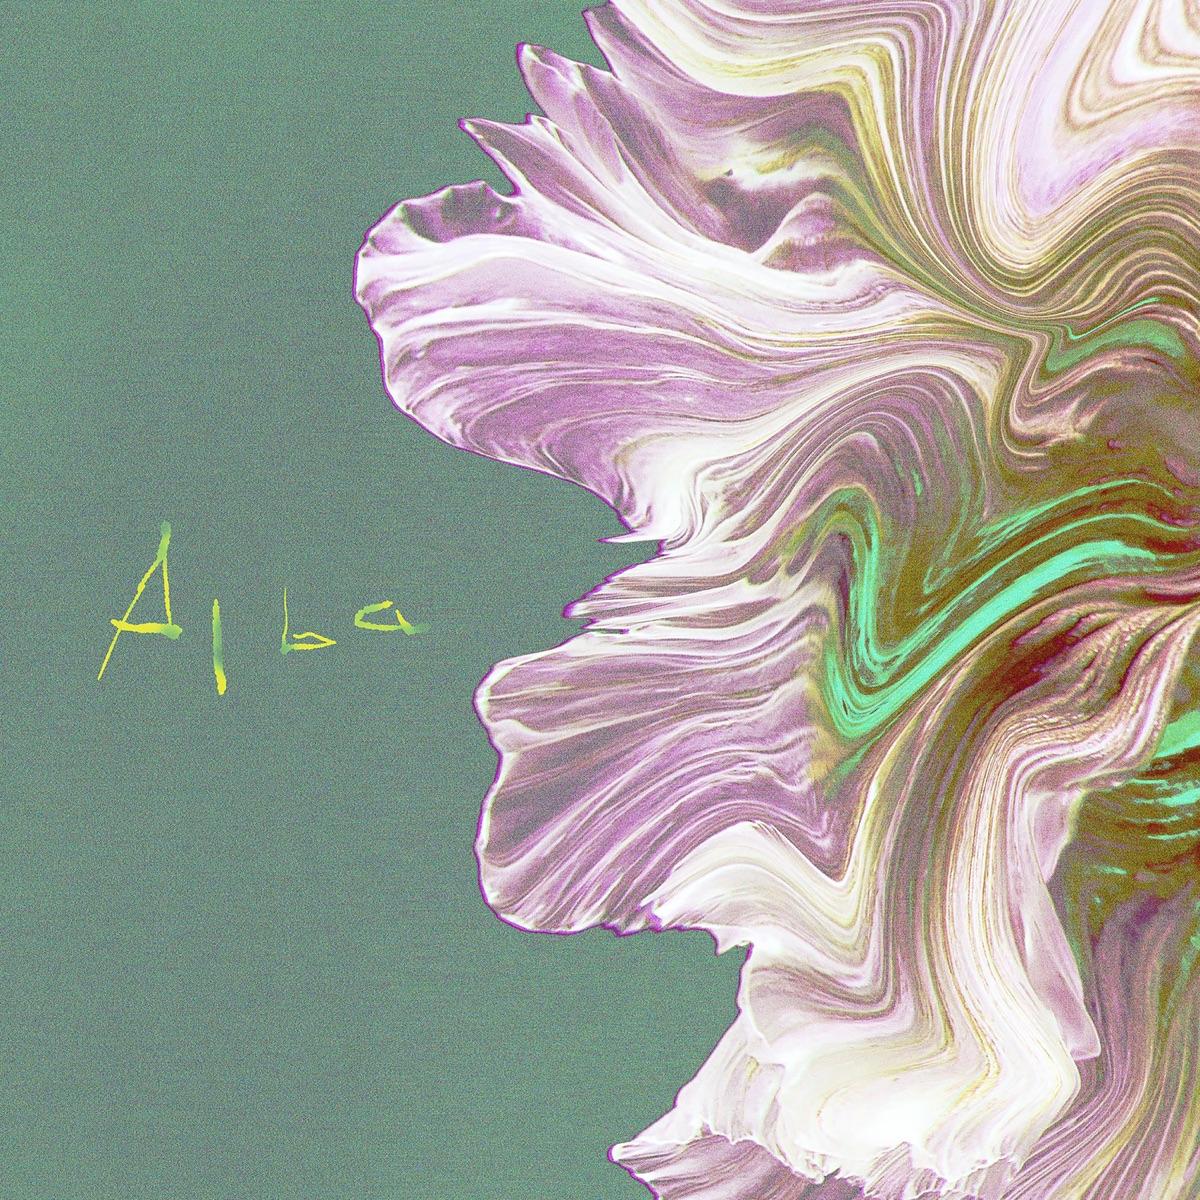 『須田景凪 - Alba 歌詞』収録の『Alba』ジャケット